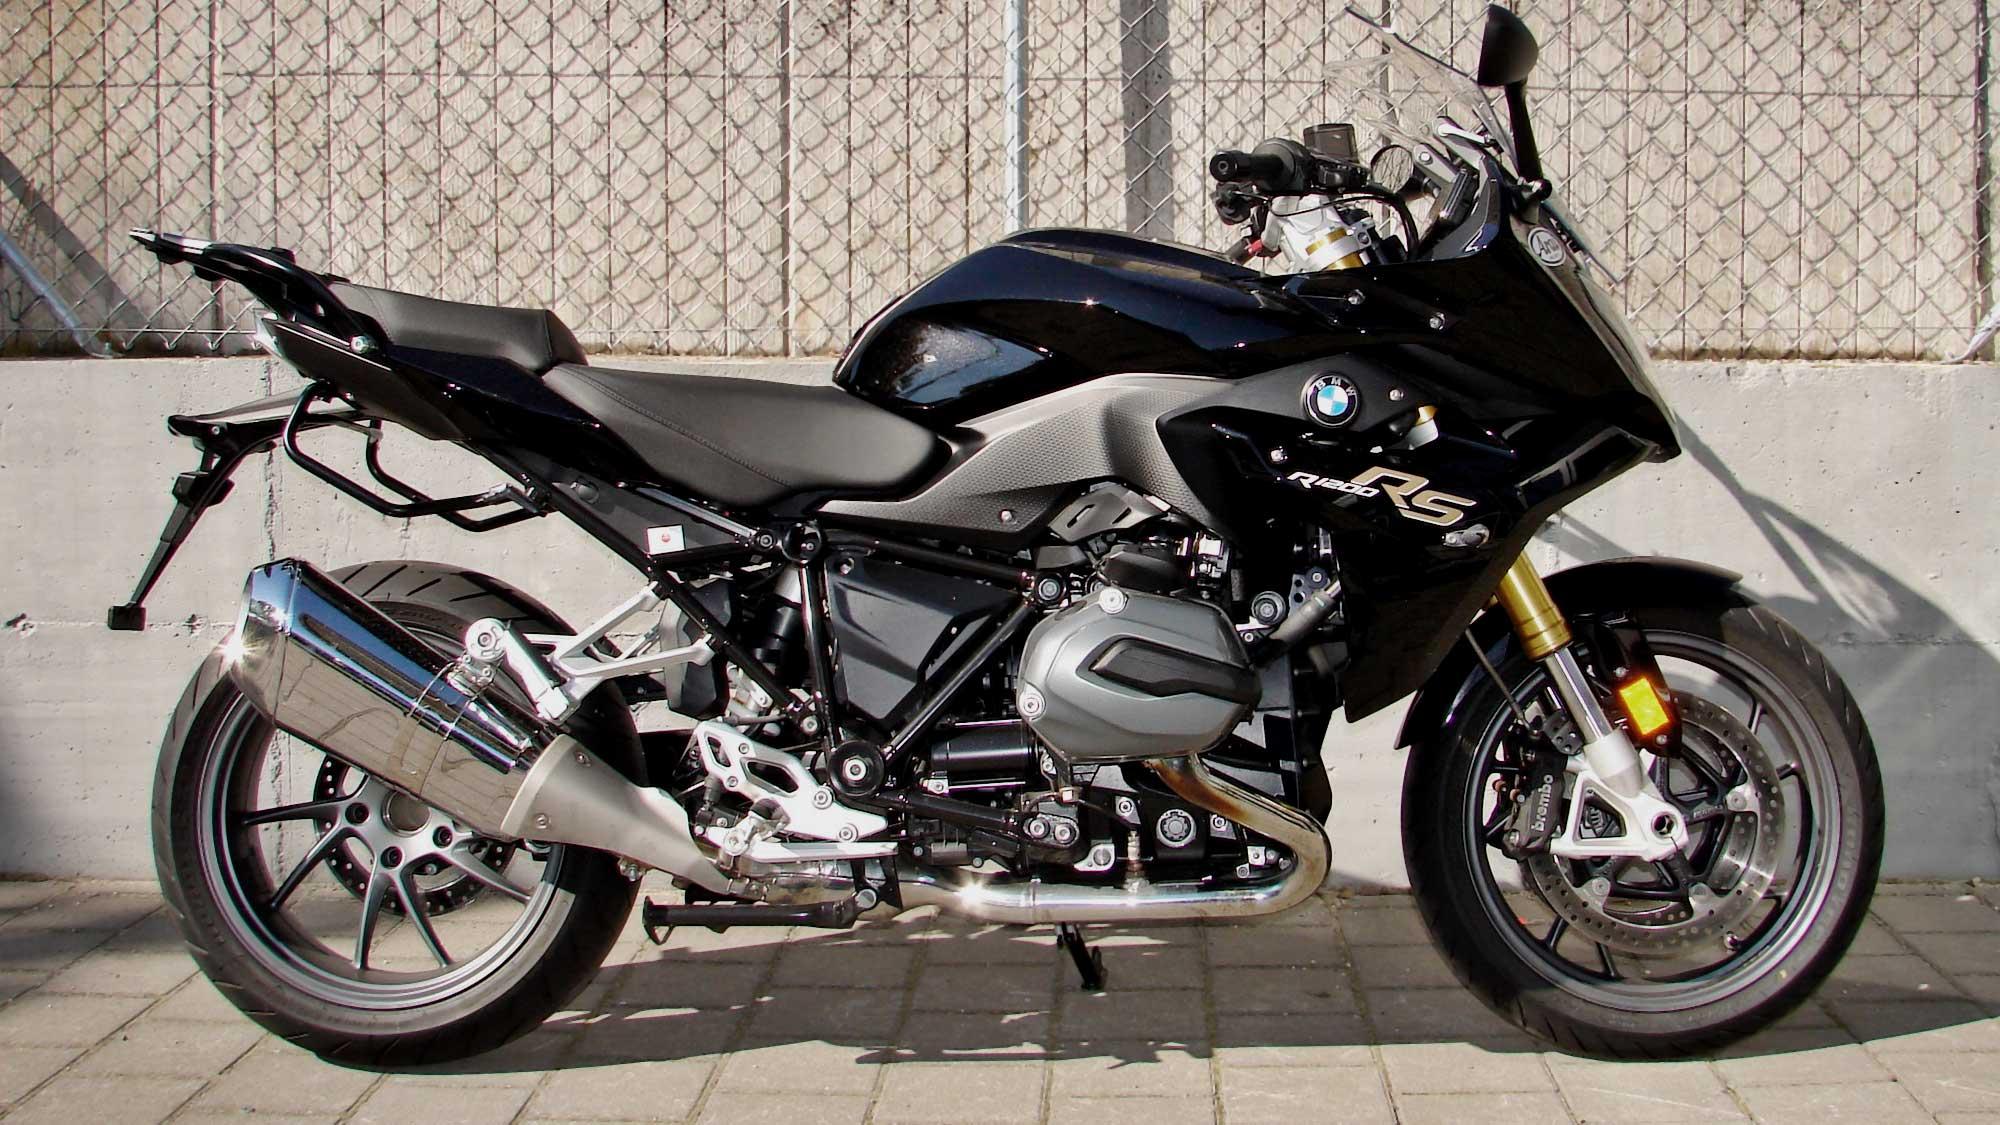 BMW R 1200 RS Gebrauchtanhebot im Motorradzentrum Freiburg